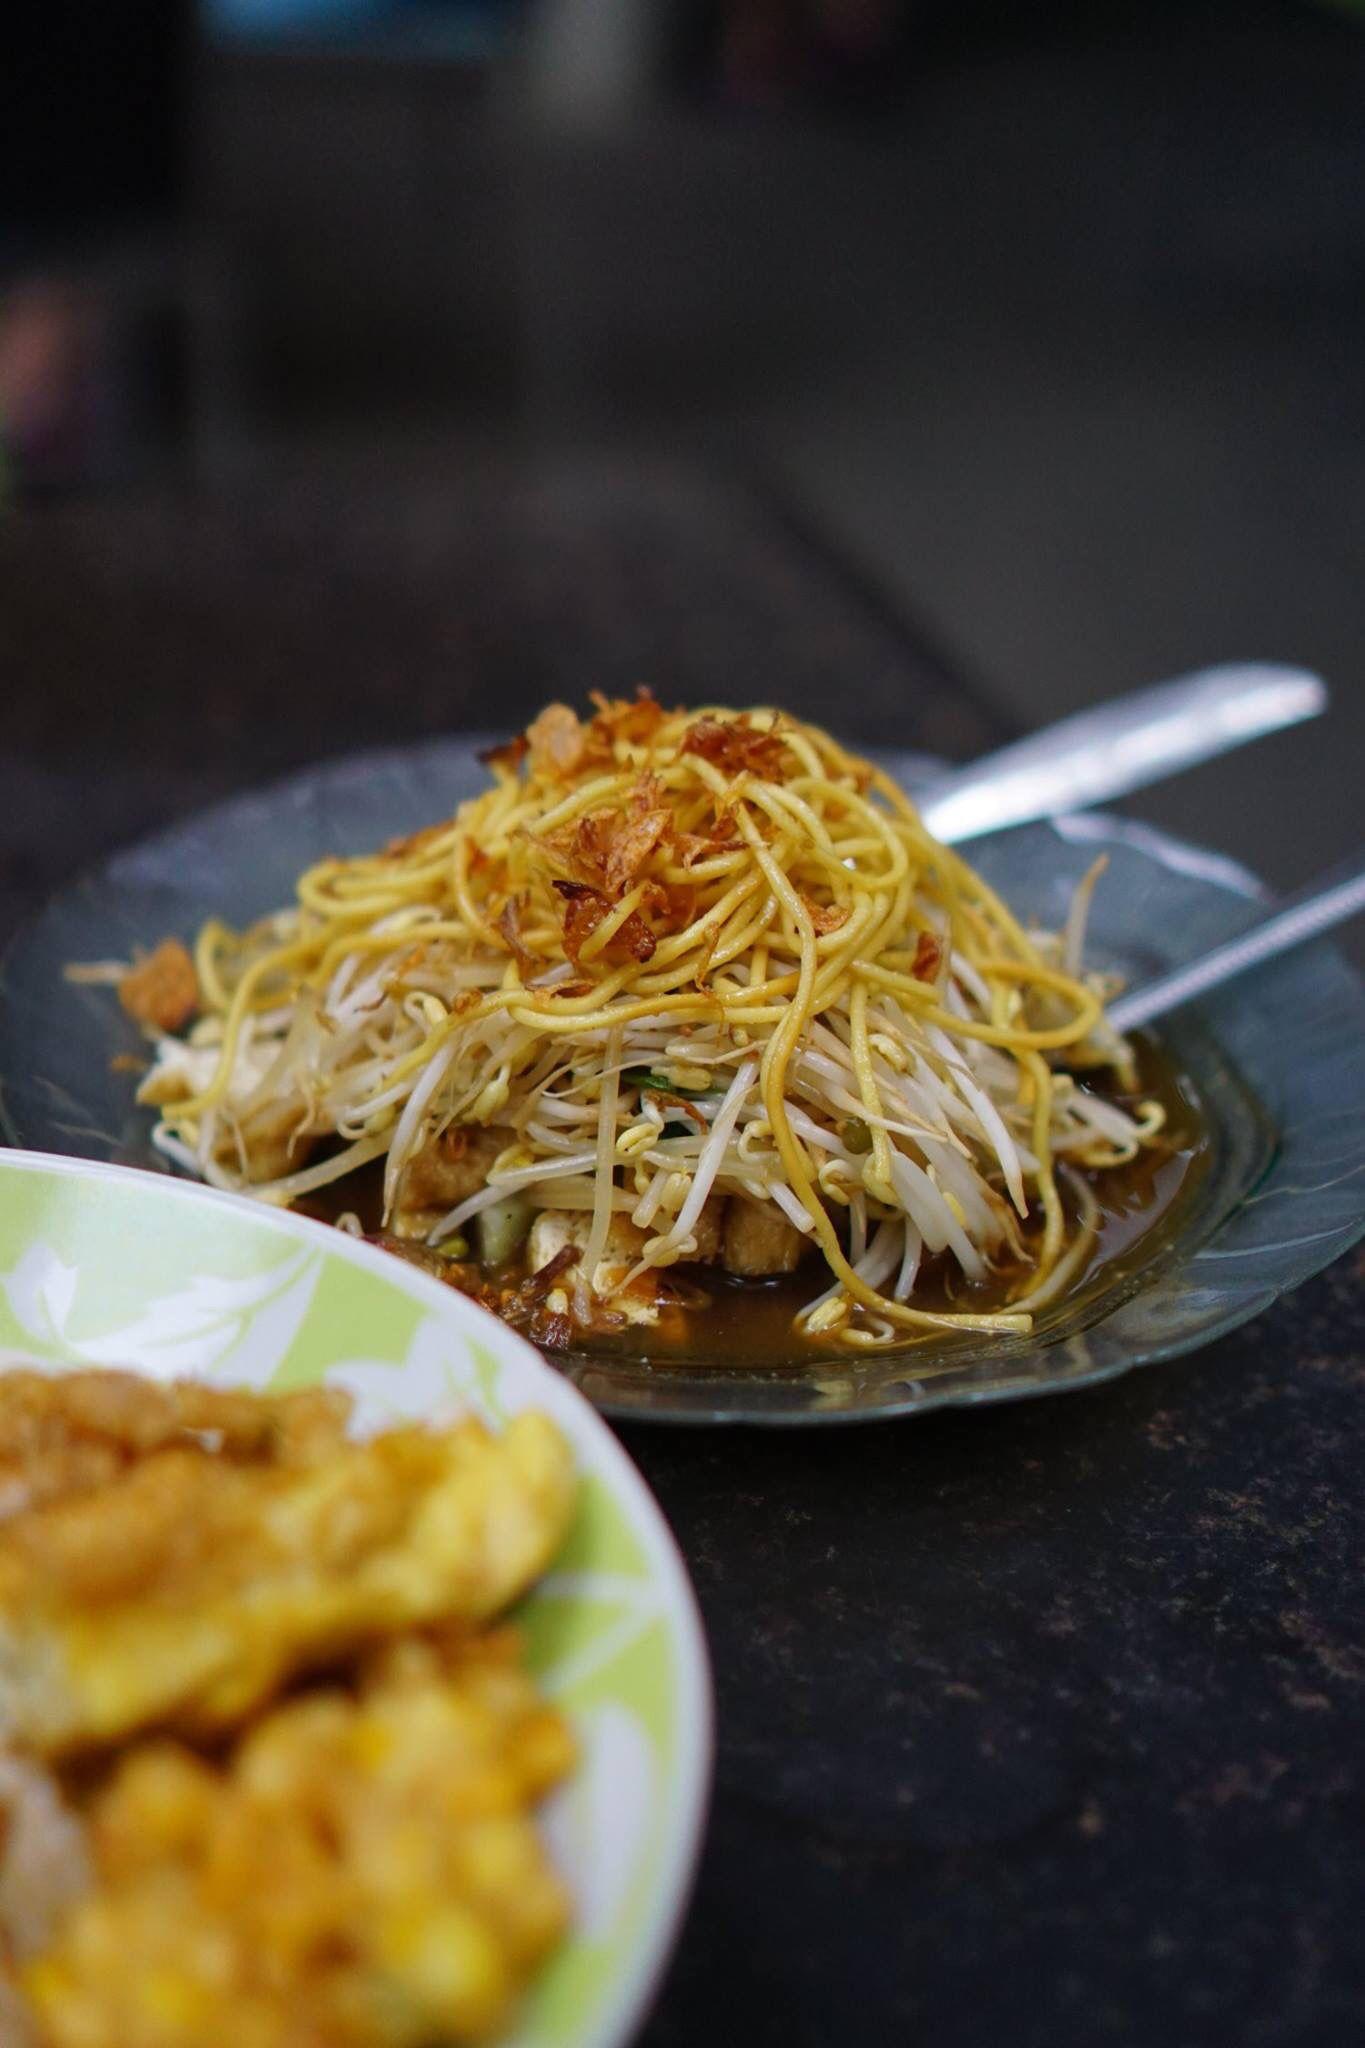 Surabaya food. Indonesia Surabaya, Indonesia